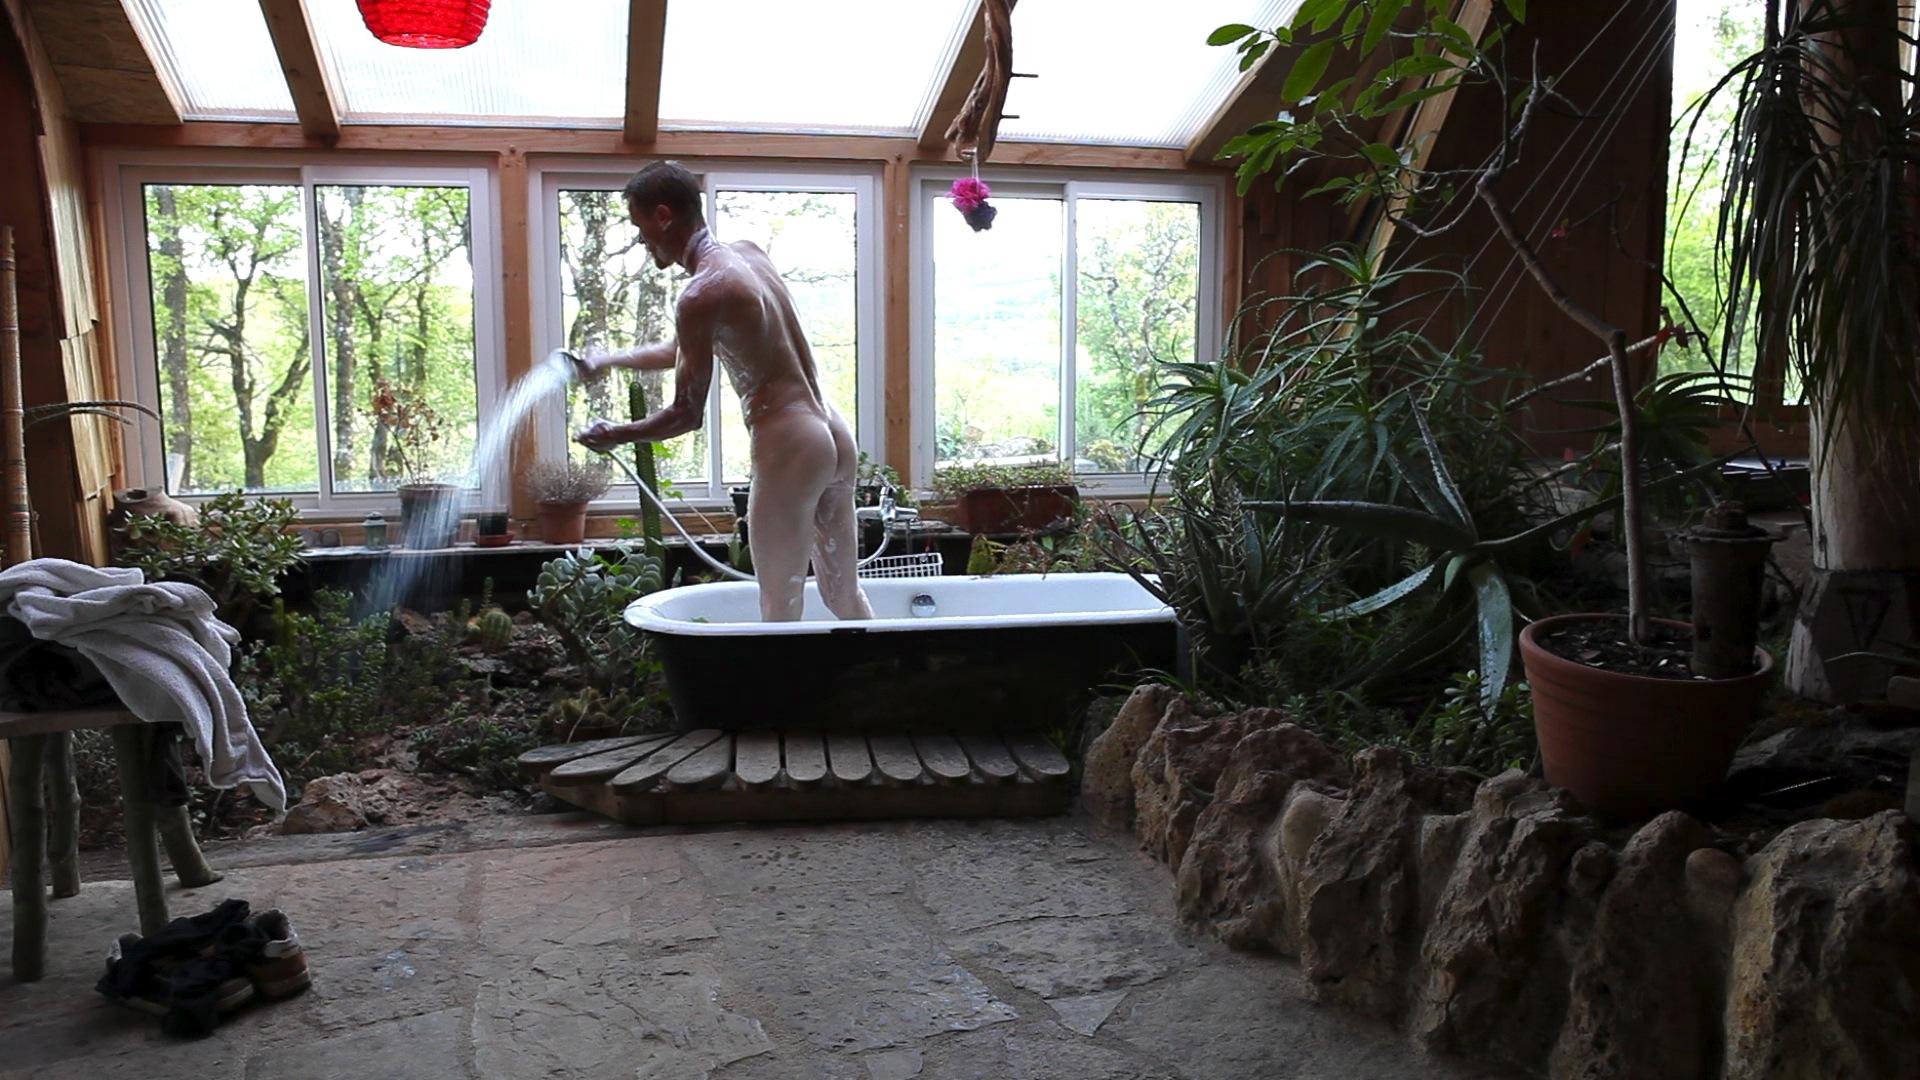 Suzanne Husky, Wash, Vidéo, 1h15, 2012 Image extraite du film Wash Courtesy de l'artiste.